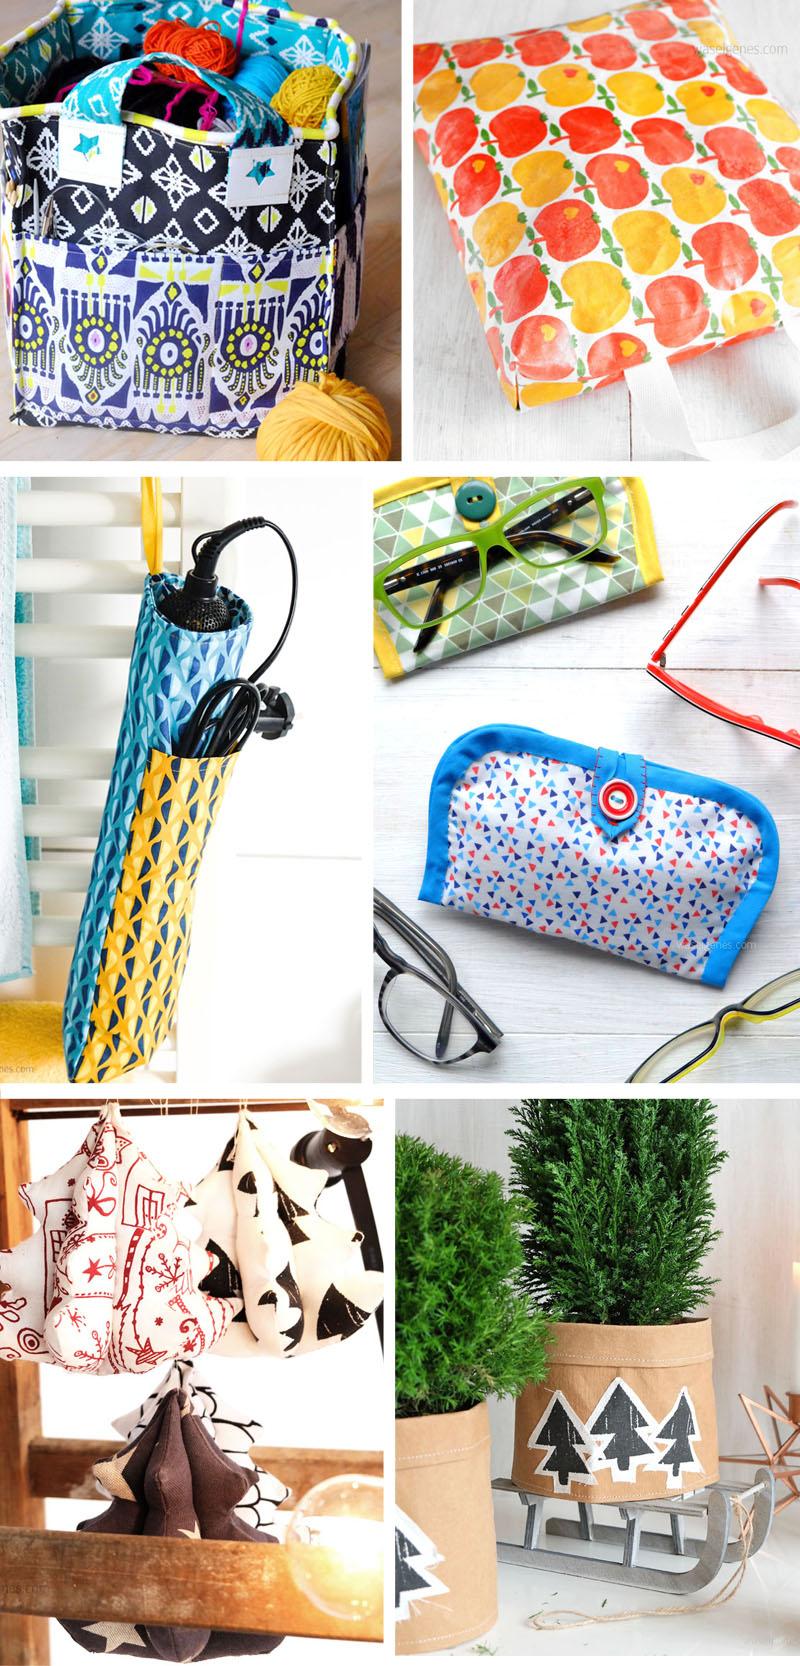 12 Ideen für selbst genähte Weihnachtsgeschenke | DIY & nähen | waseigenes.com DIY Blog